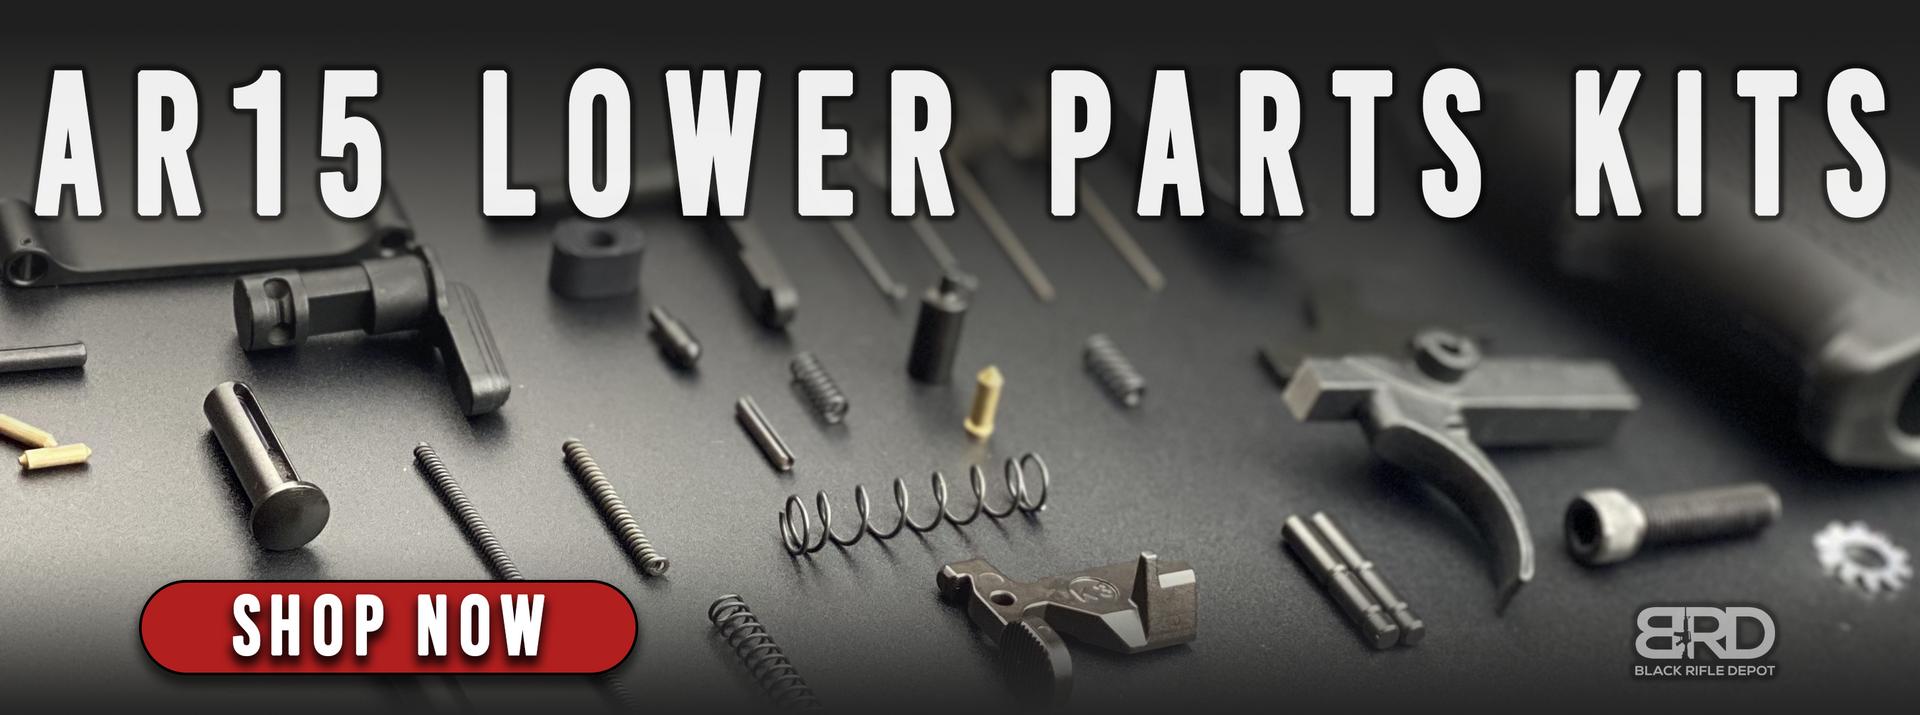 ar15 lower parts kit, ar 15 lower parts kit, ar15 LPK